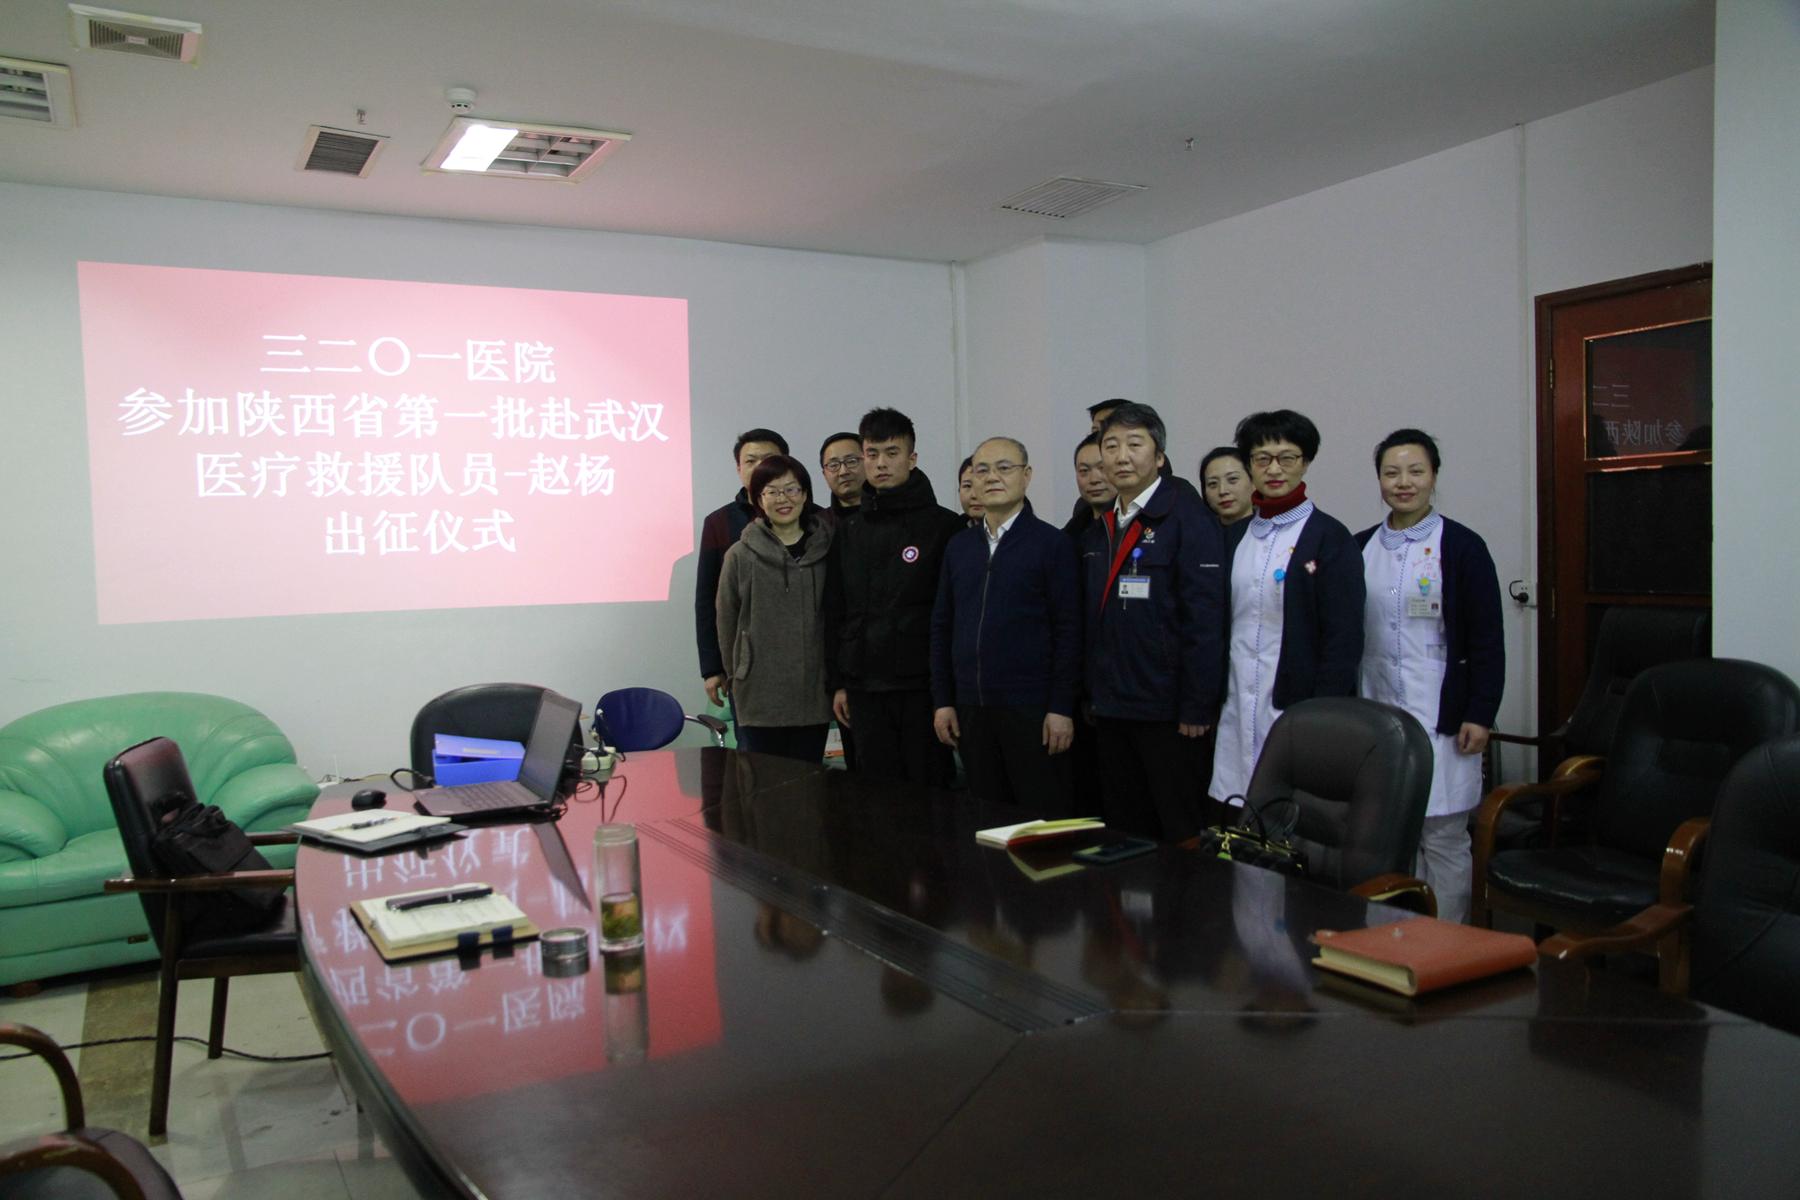 3201医院青年护士赵杨出征武汉